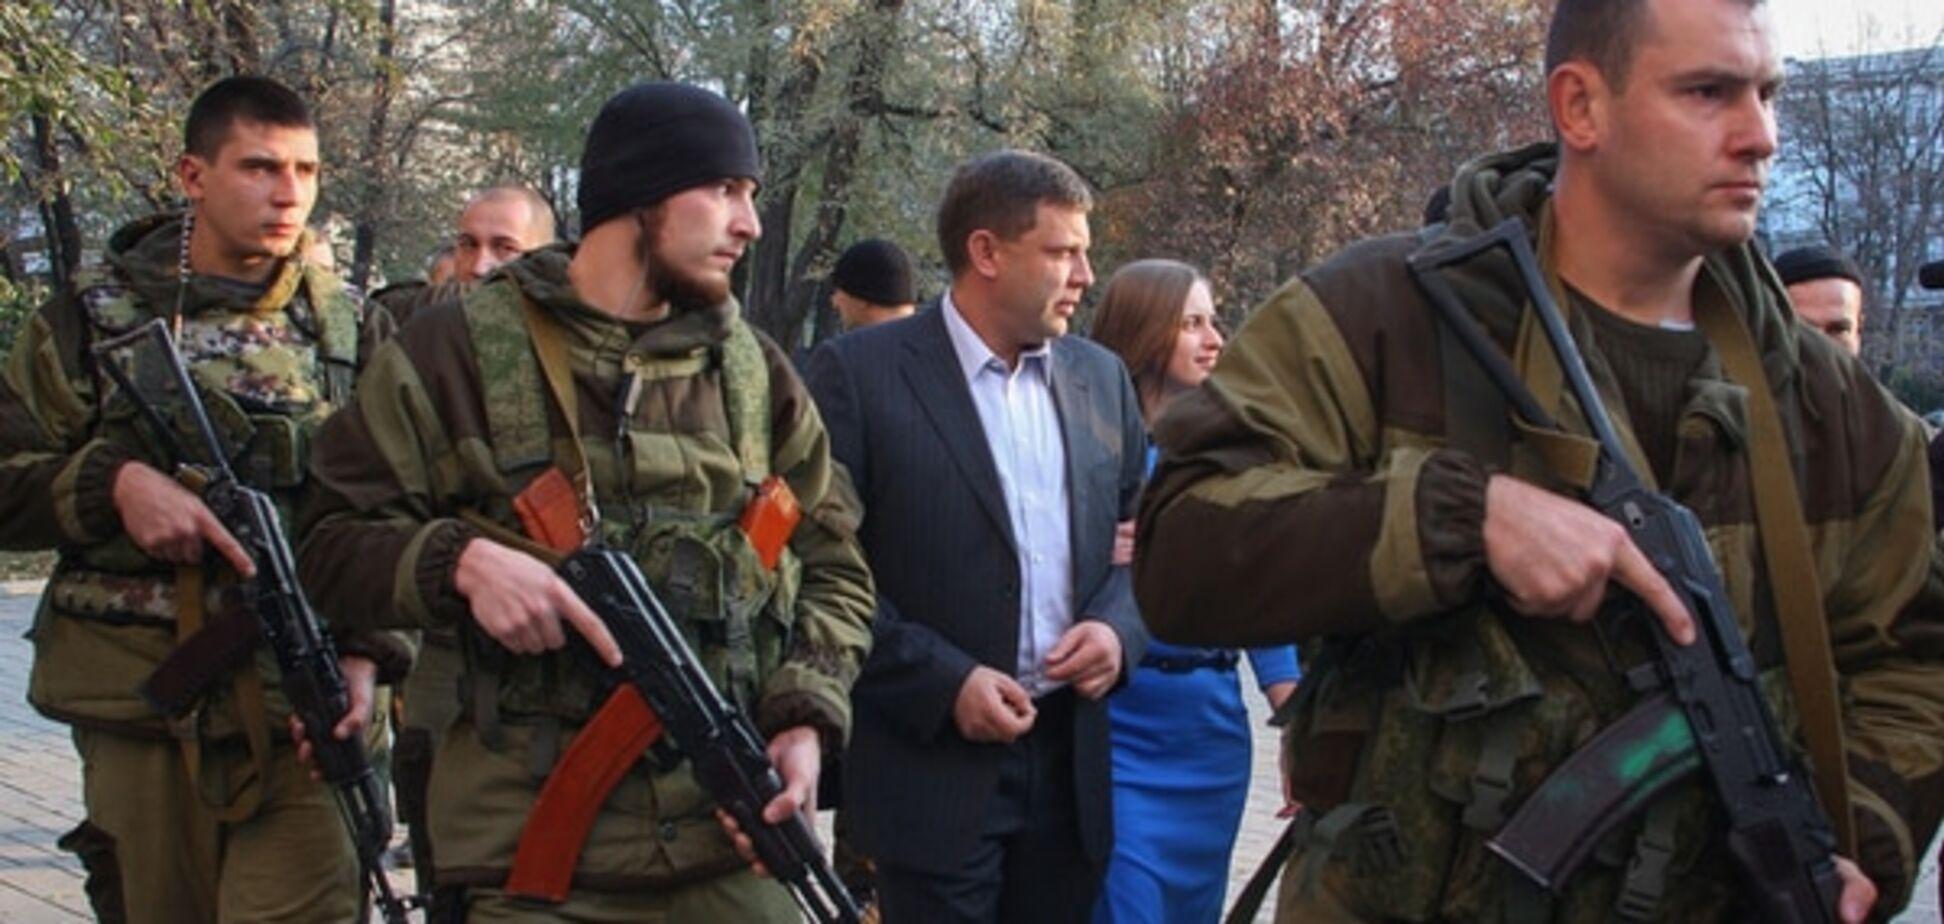 Захарченко заздалегідь призначив переможців 'виборів' у 'ДНР'